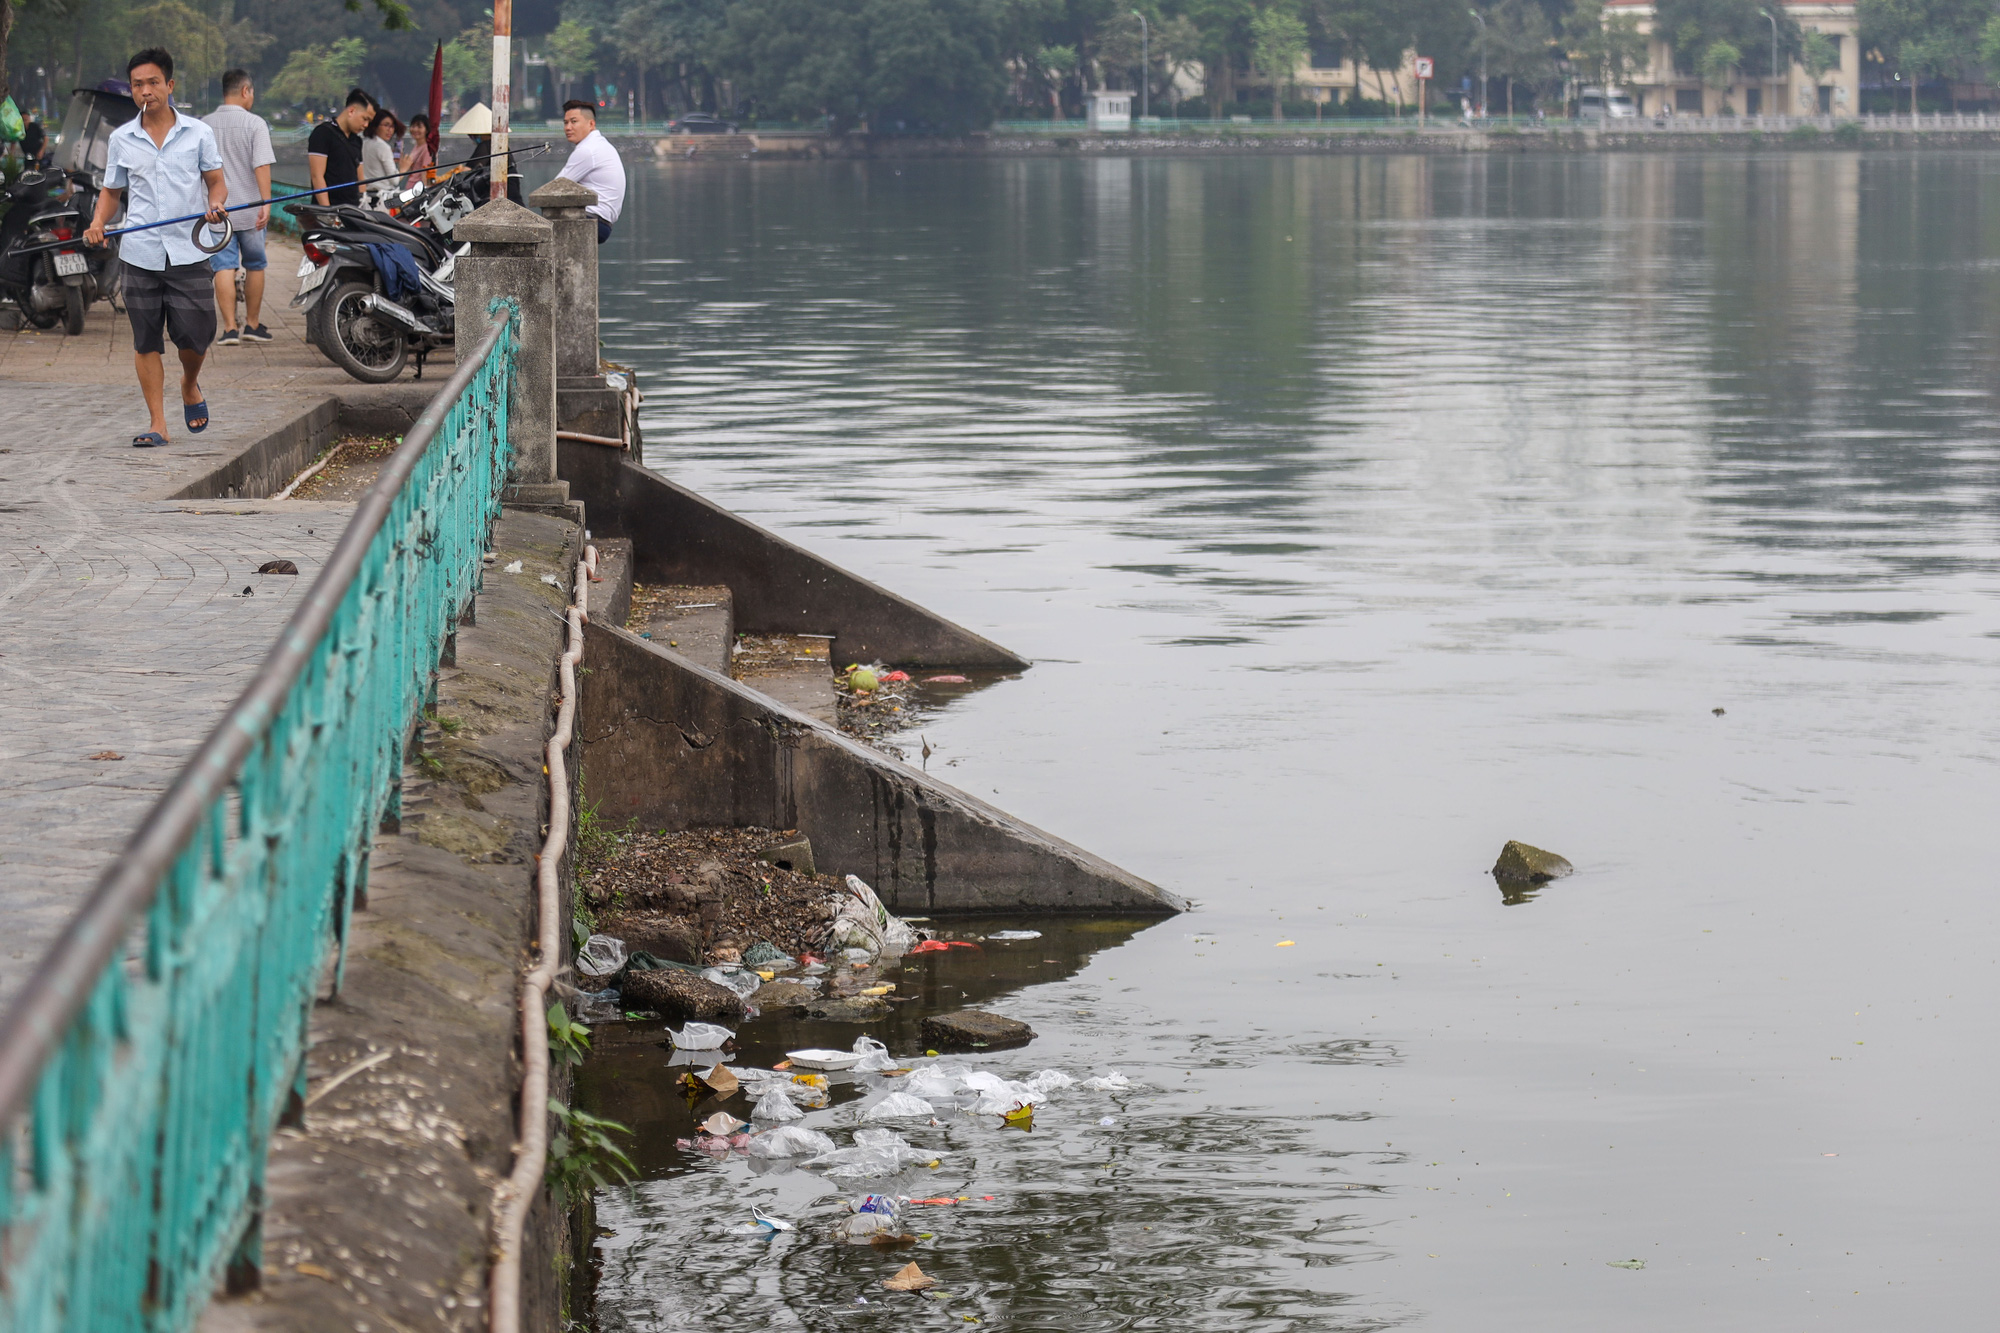 Nước hồ Tây có dấu hiệu ô nhiễm, bất ngờ chuyển màu xanh rêu đậm - Ảnh 9.